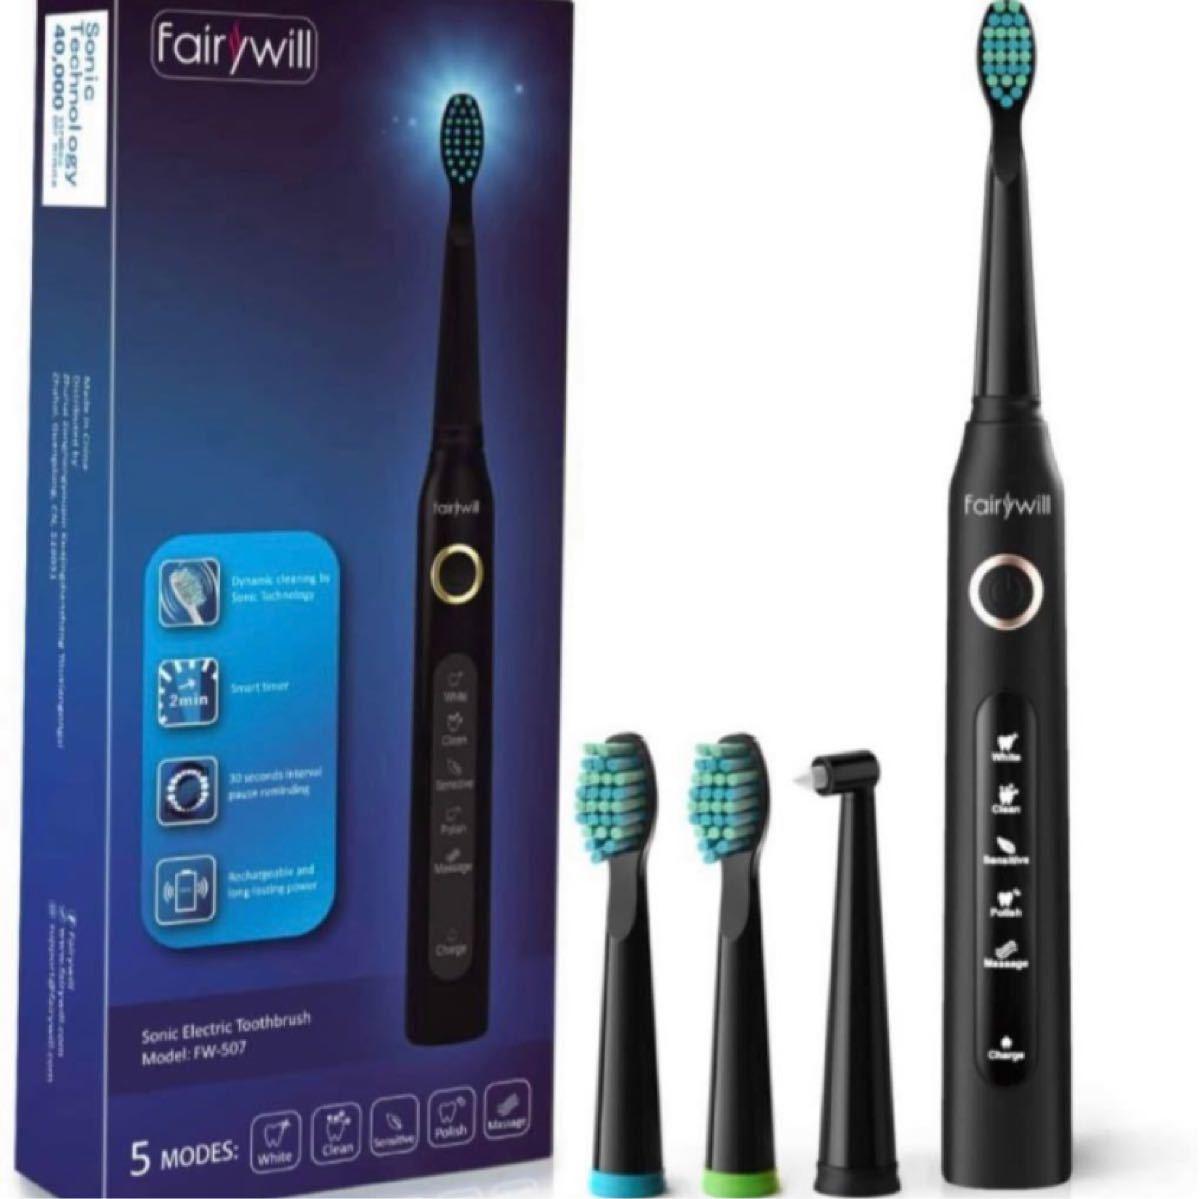 電動歯ブラシ 音波歯ブラシ 充電式 IPX7防水 USB充電 替えブラシ3本 すきま磨きブラシ付き